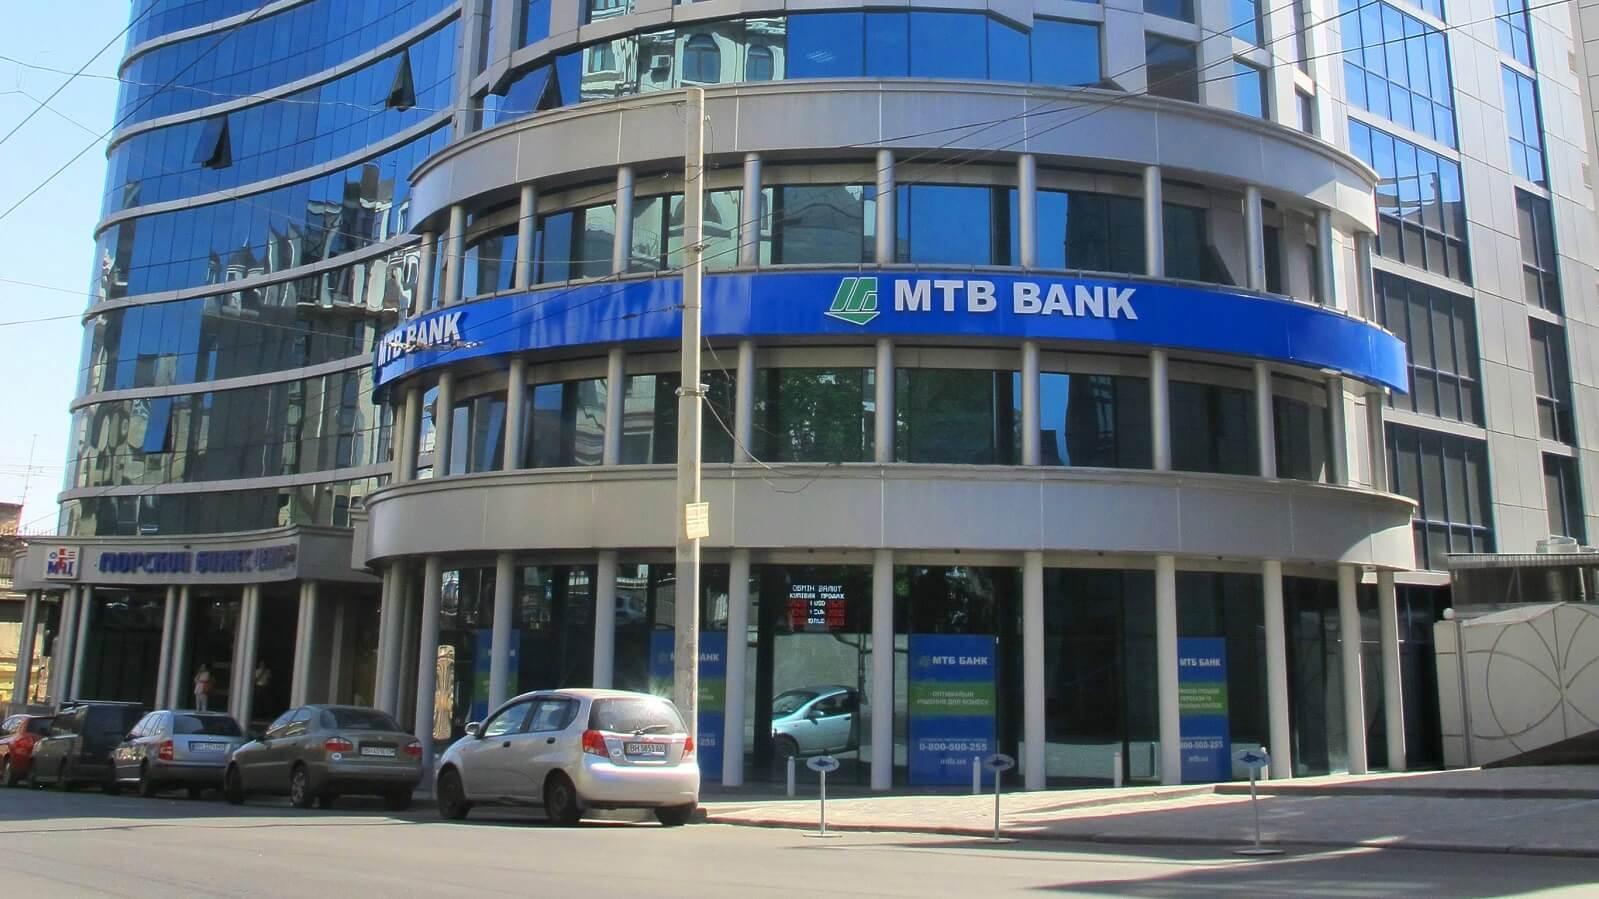 Відділення МТБ БАНКу: зручно та безпечно - фото - mtb.ua